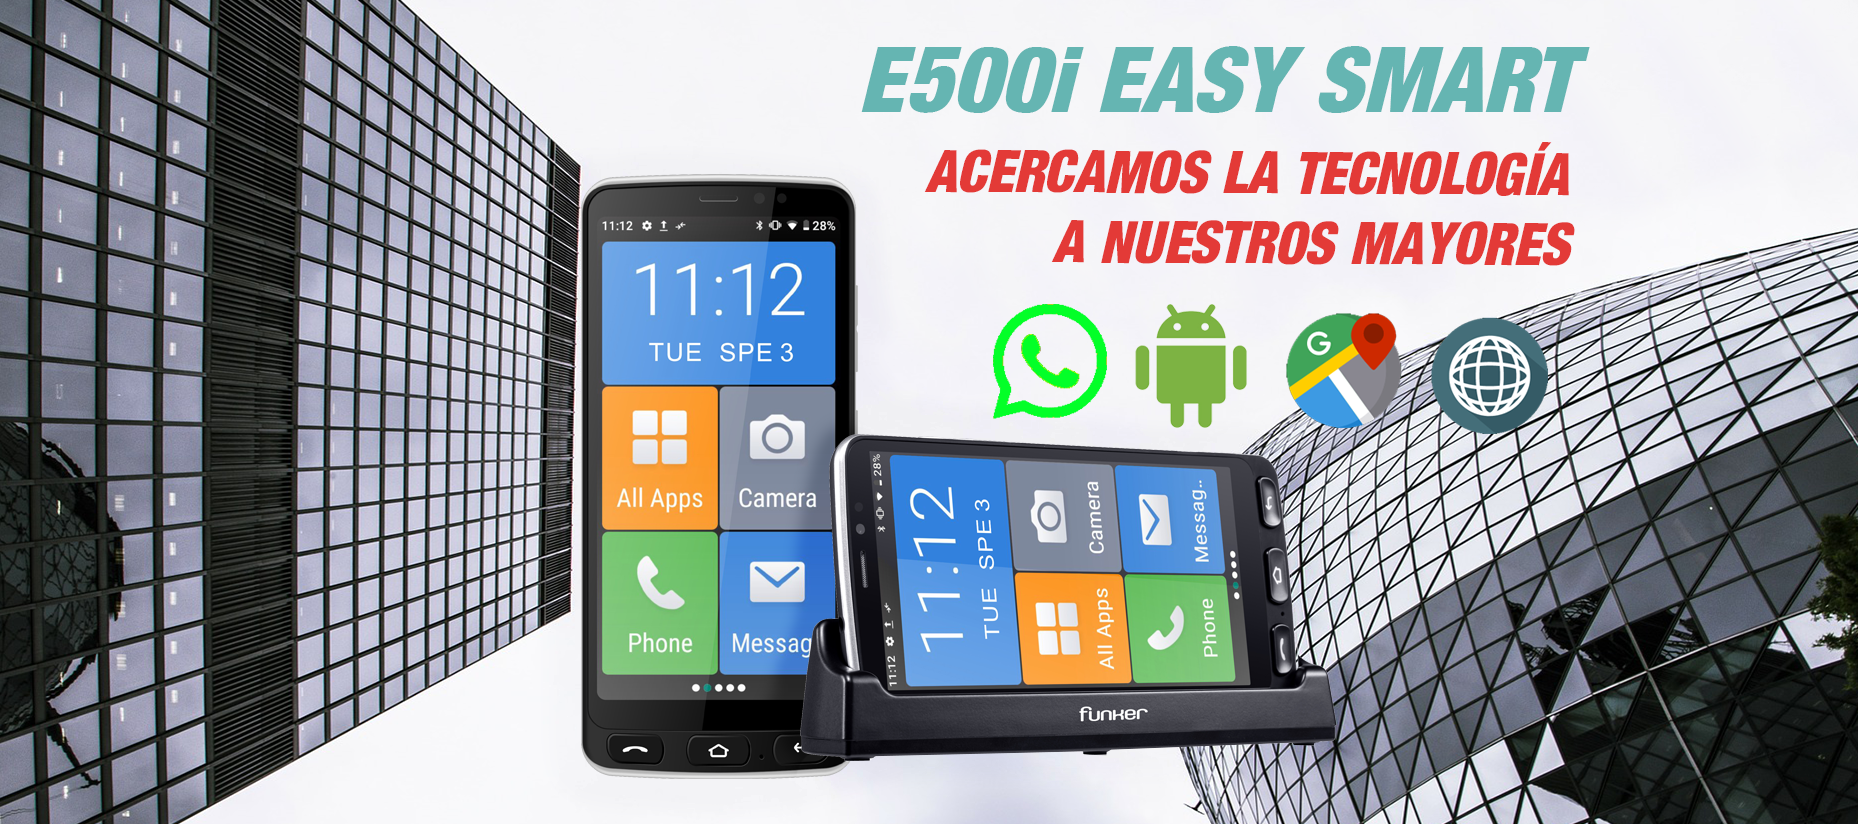 E500i EASY SMART